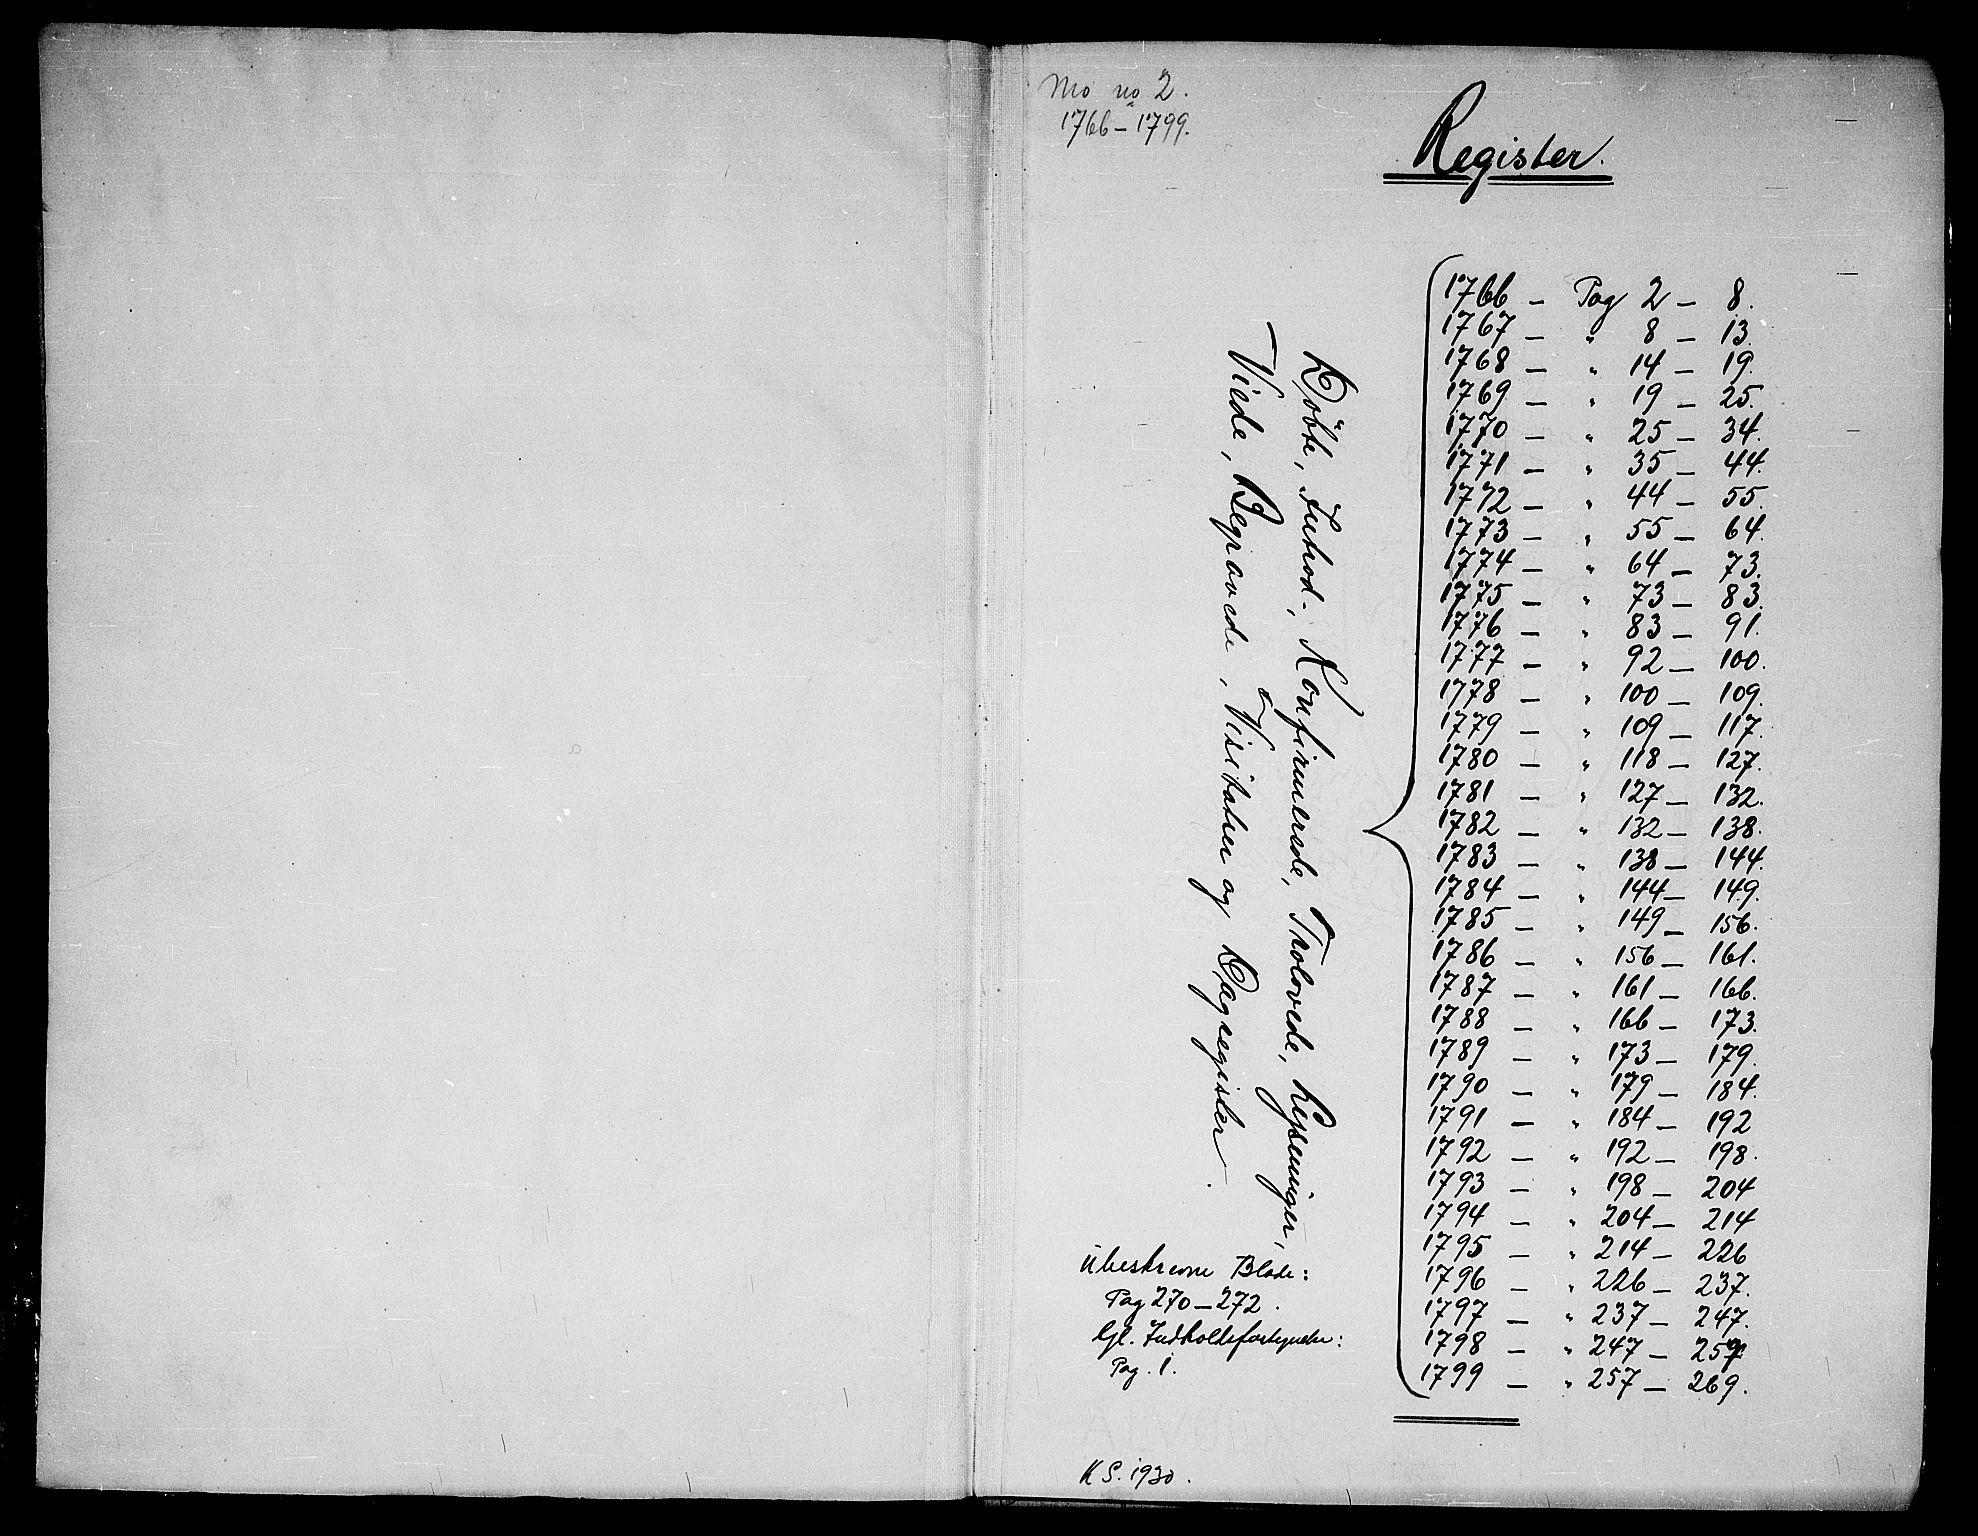 SAKO, Mo kirkebøker, F/Fa/L0002: Ministerialbok nr. I 2, 1766-1799